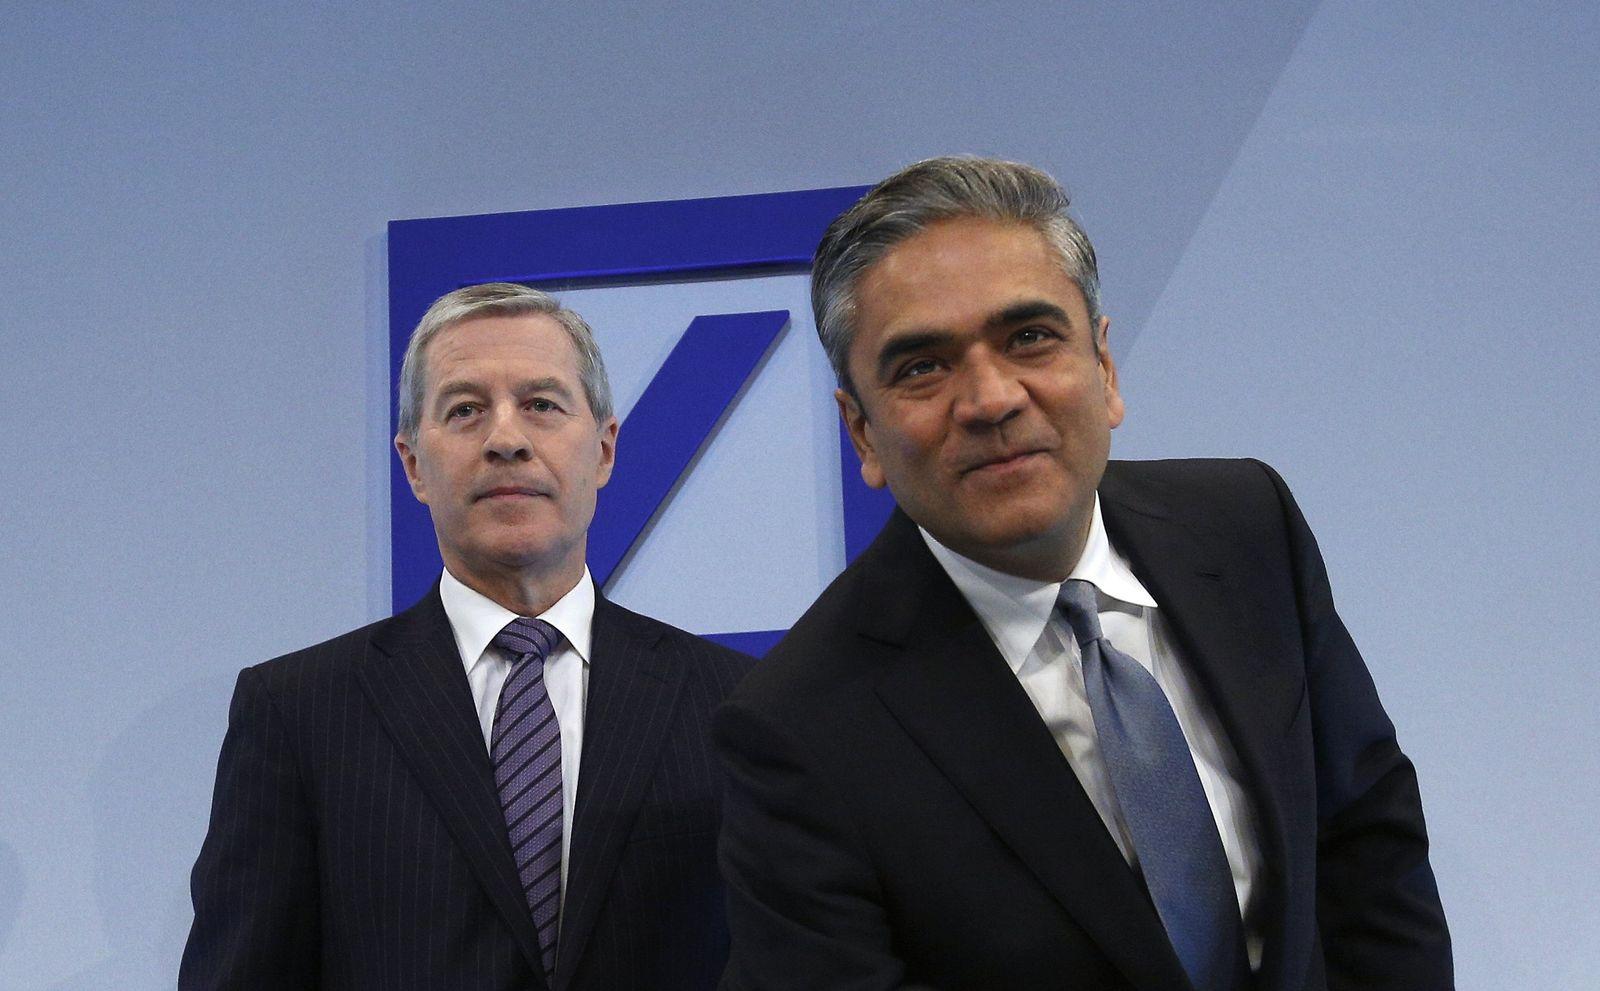 Jain / Fitschen / Deutsche Bank PK